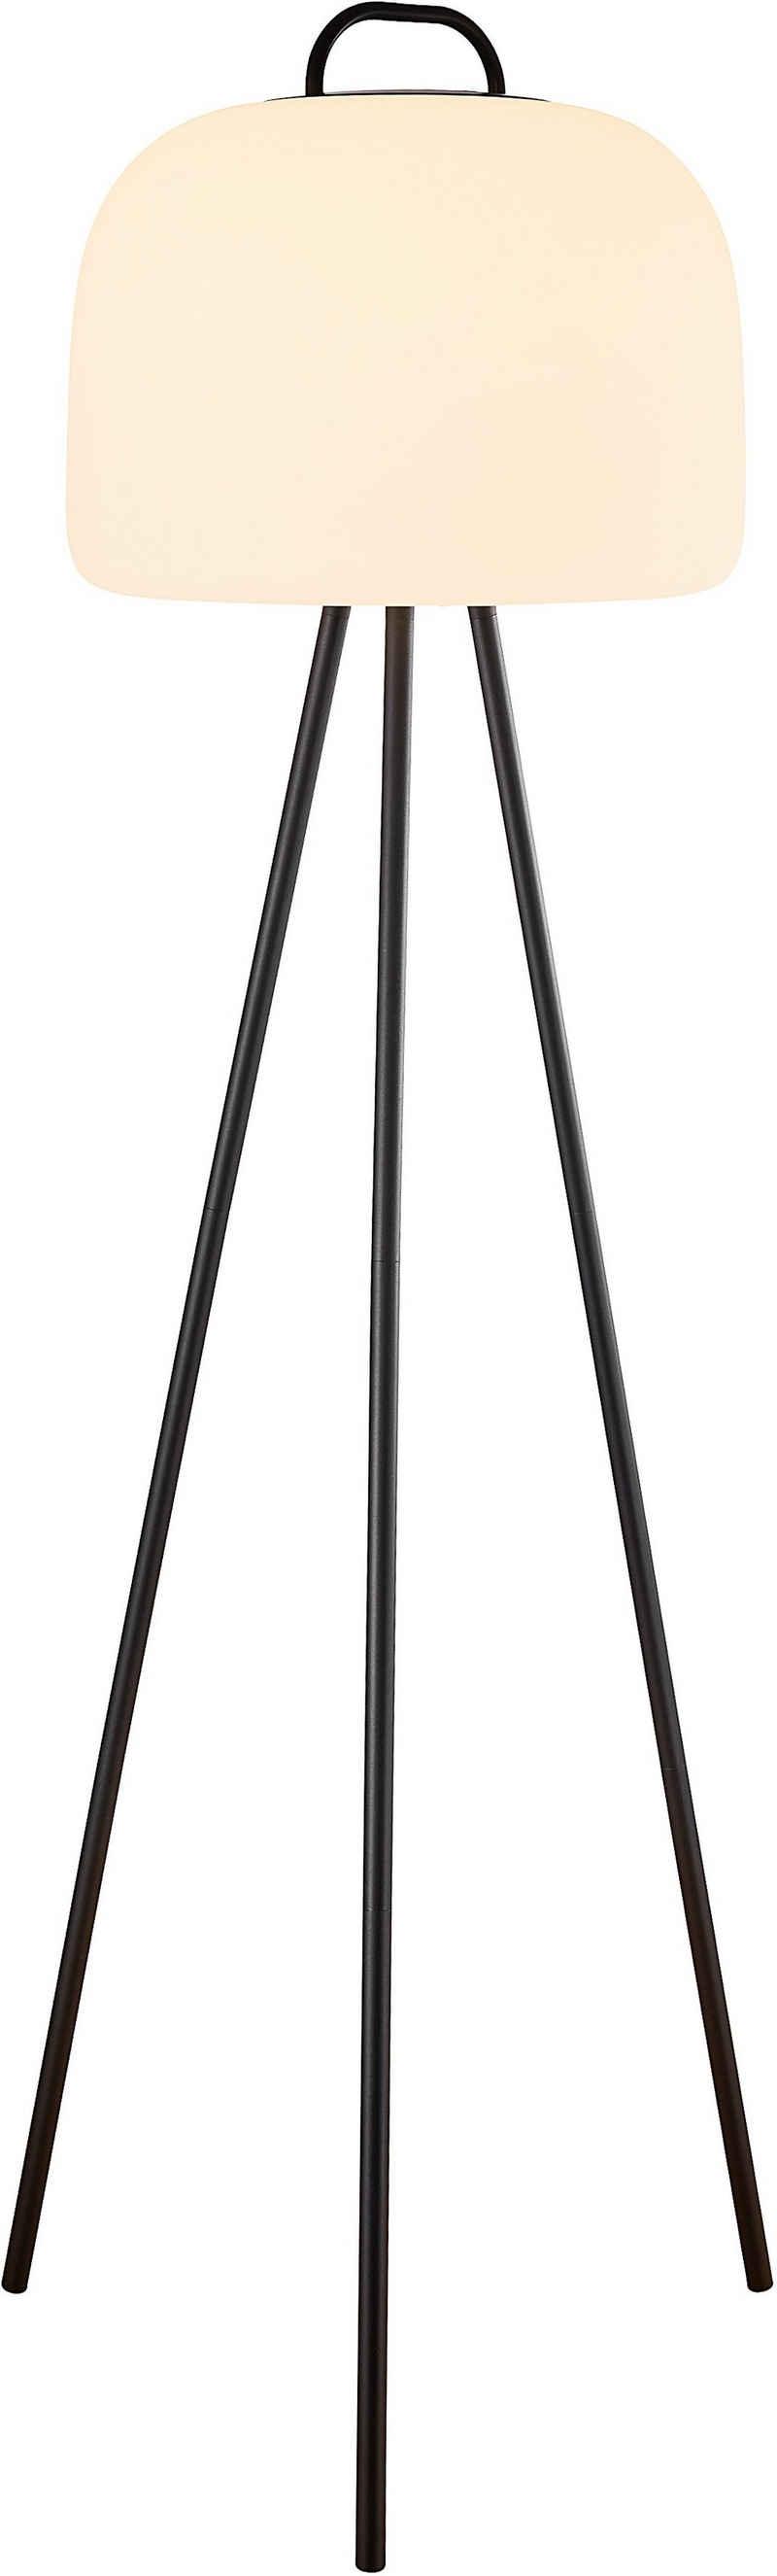 Nordlux LED Stehlampe »Kettle 36 Tripod 110 Metall«, inkl. LED, Batterie, integrierter Dimmer, Außen und Innen